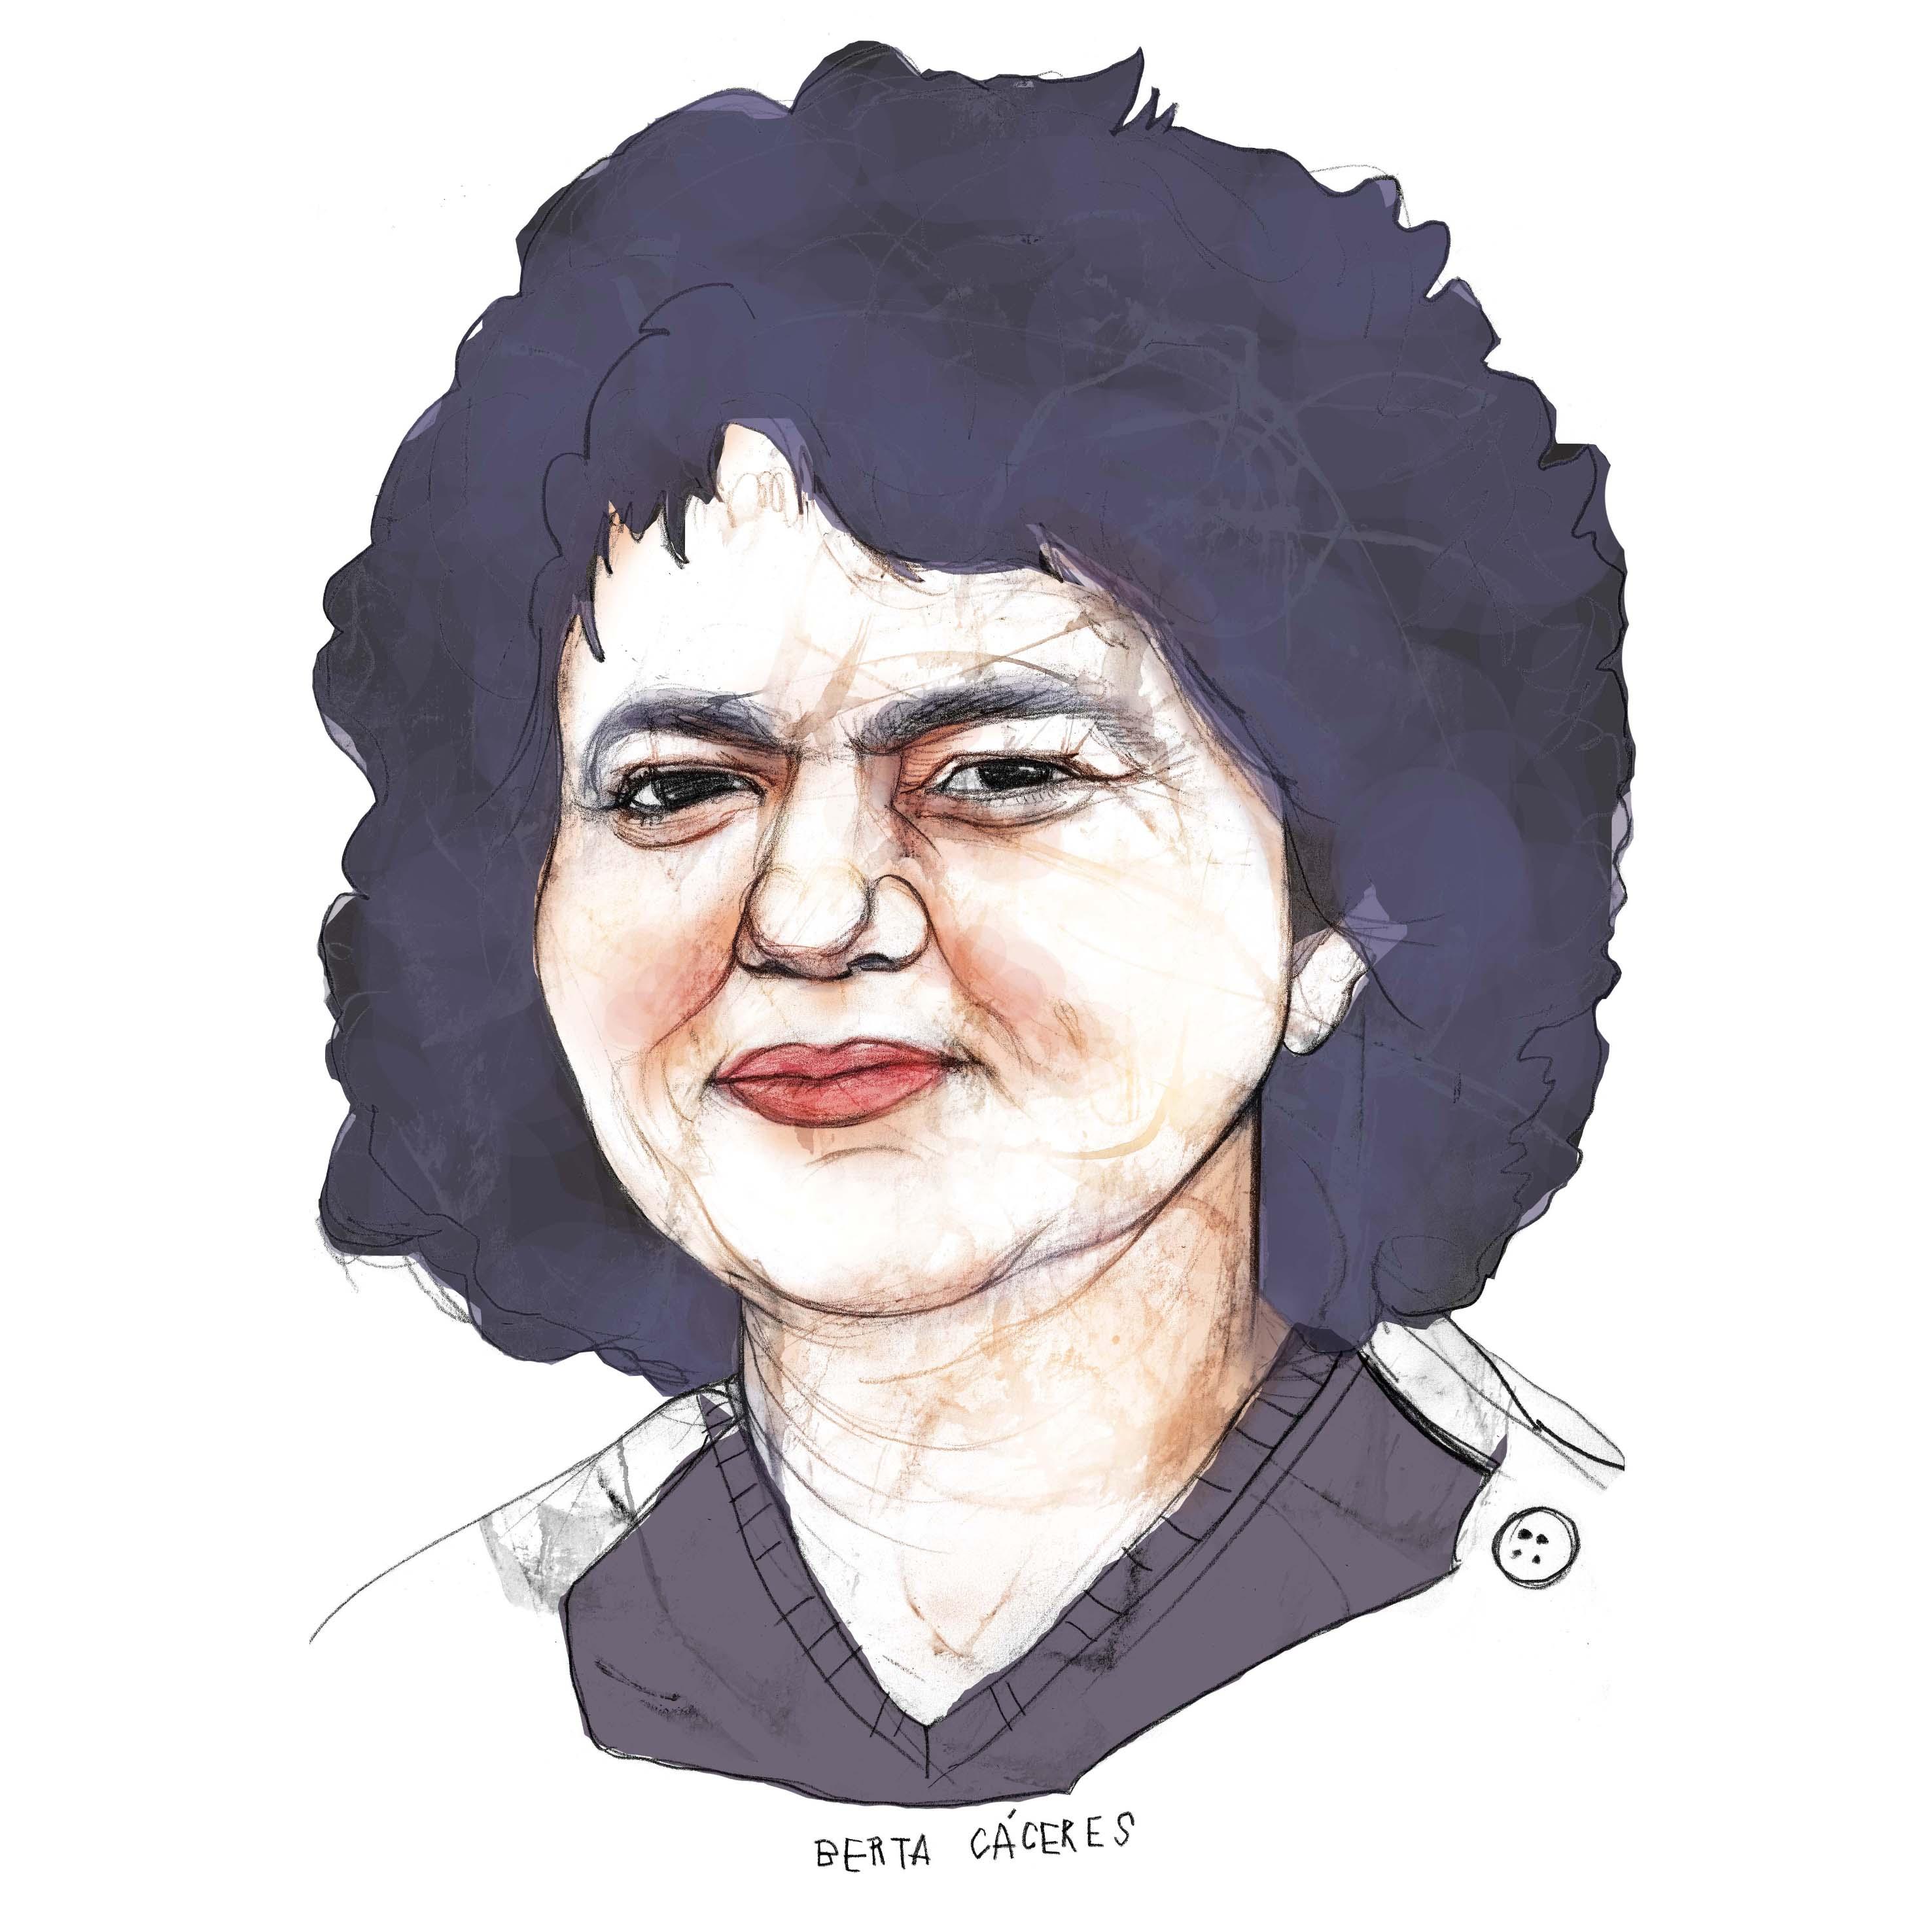 Berta Cáceres cuadrado